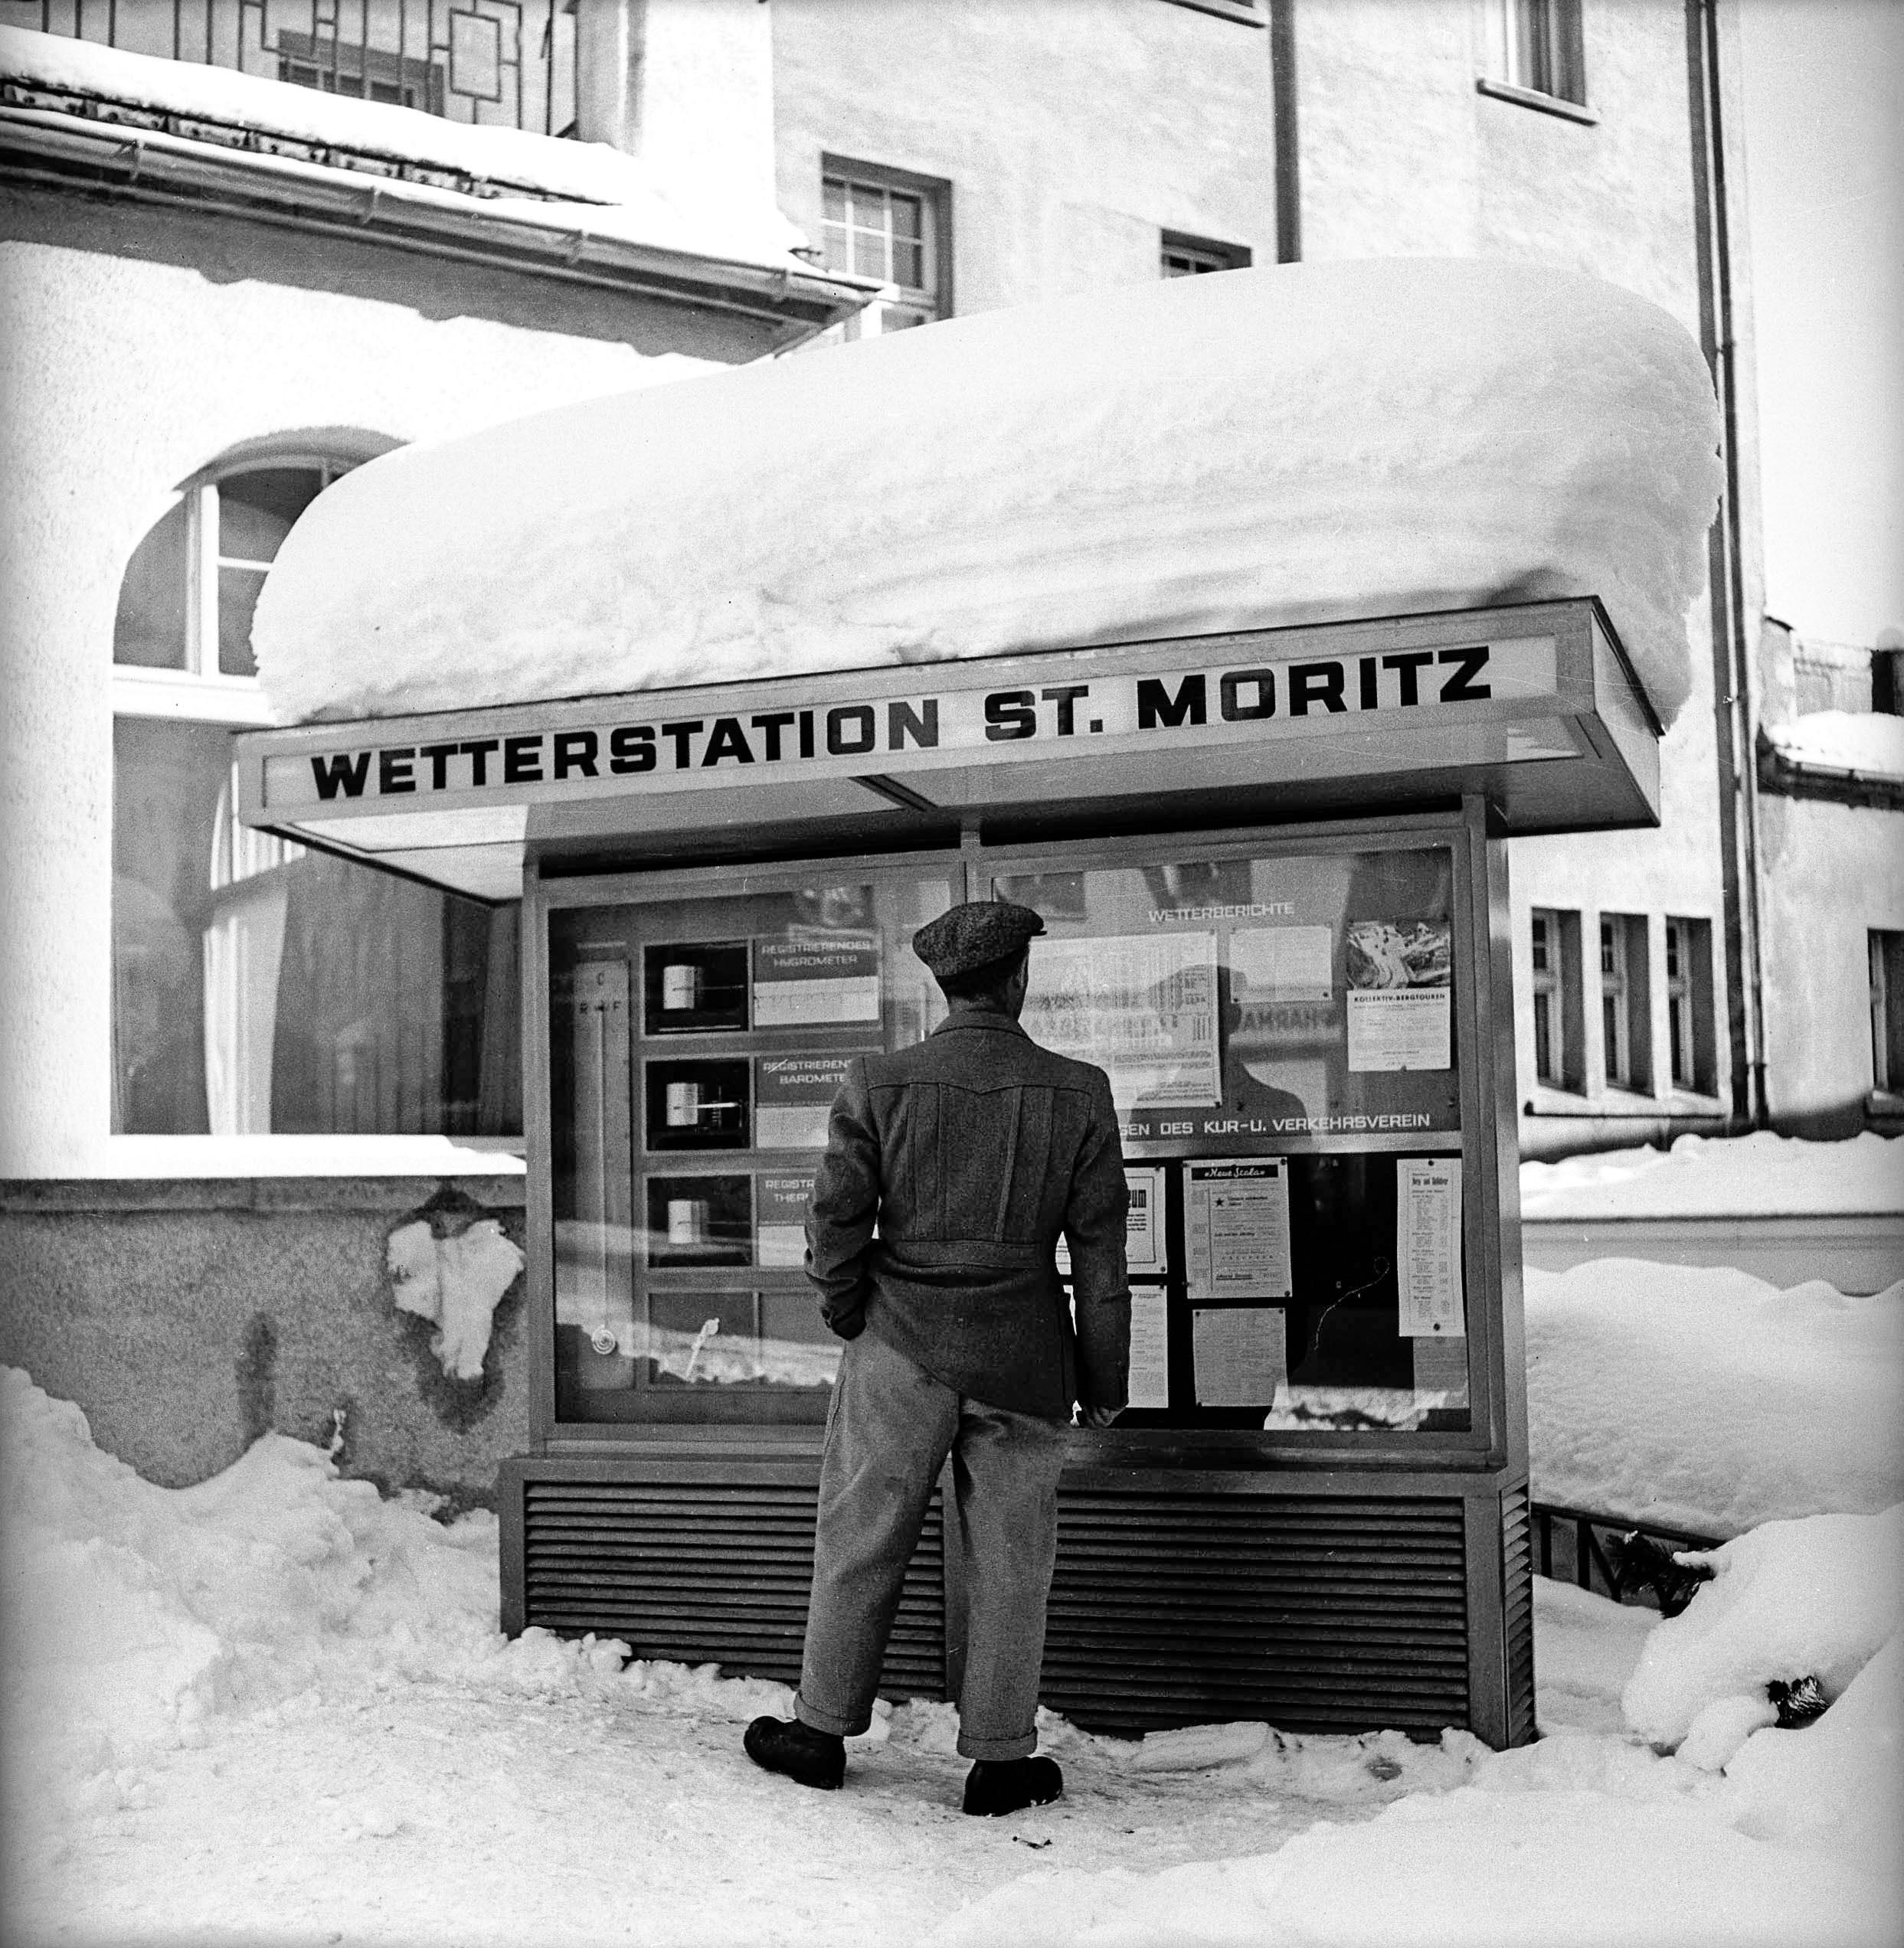 La neige est au rendez-vous, comme l'atteste le toit de la station météorologique de Saint-Moritz.